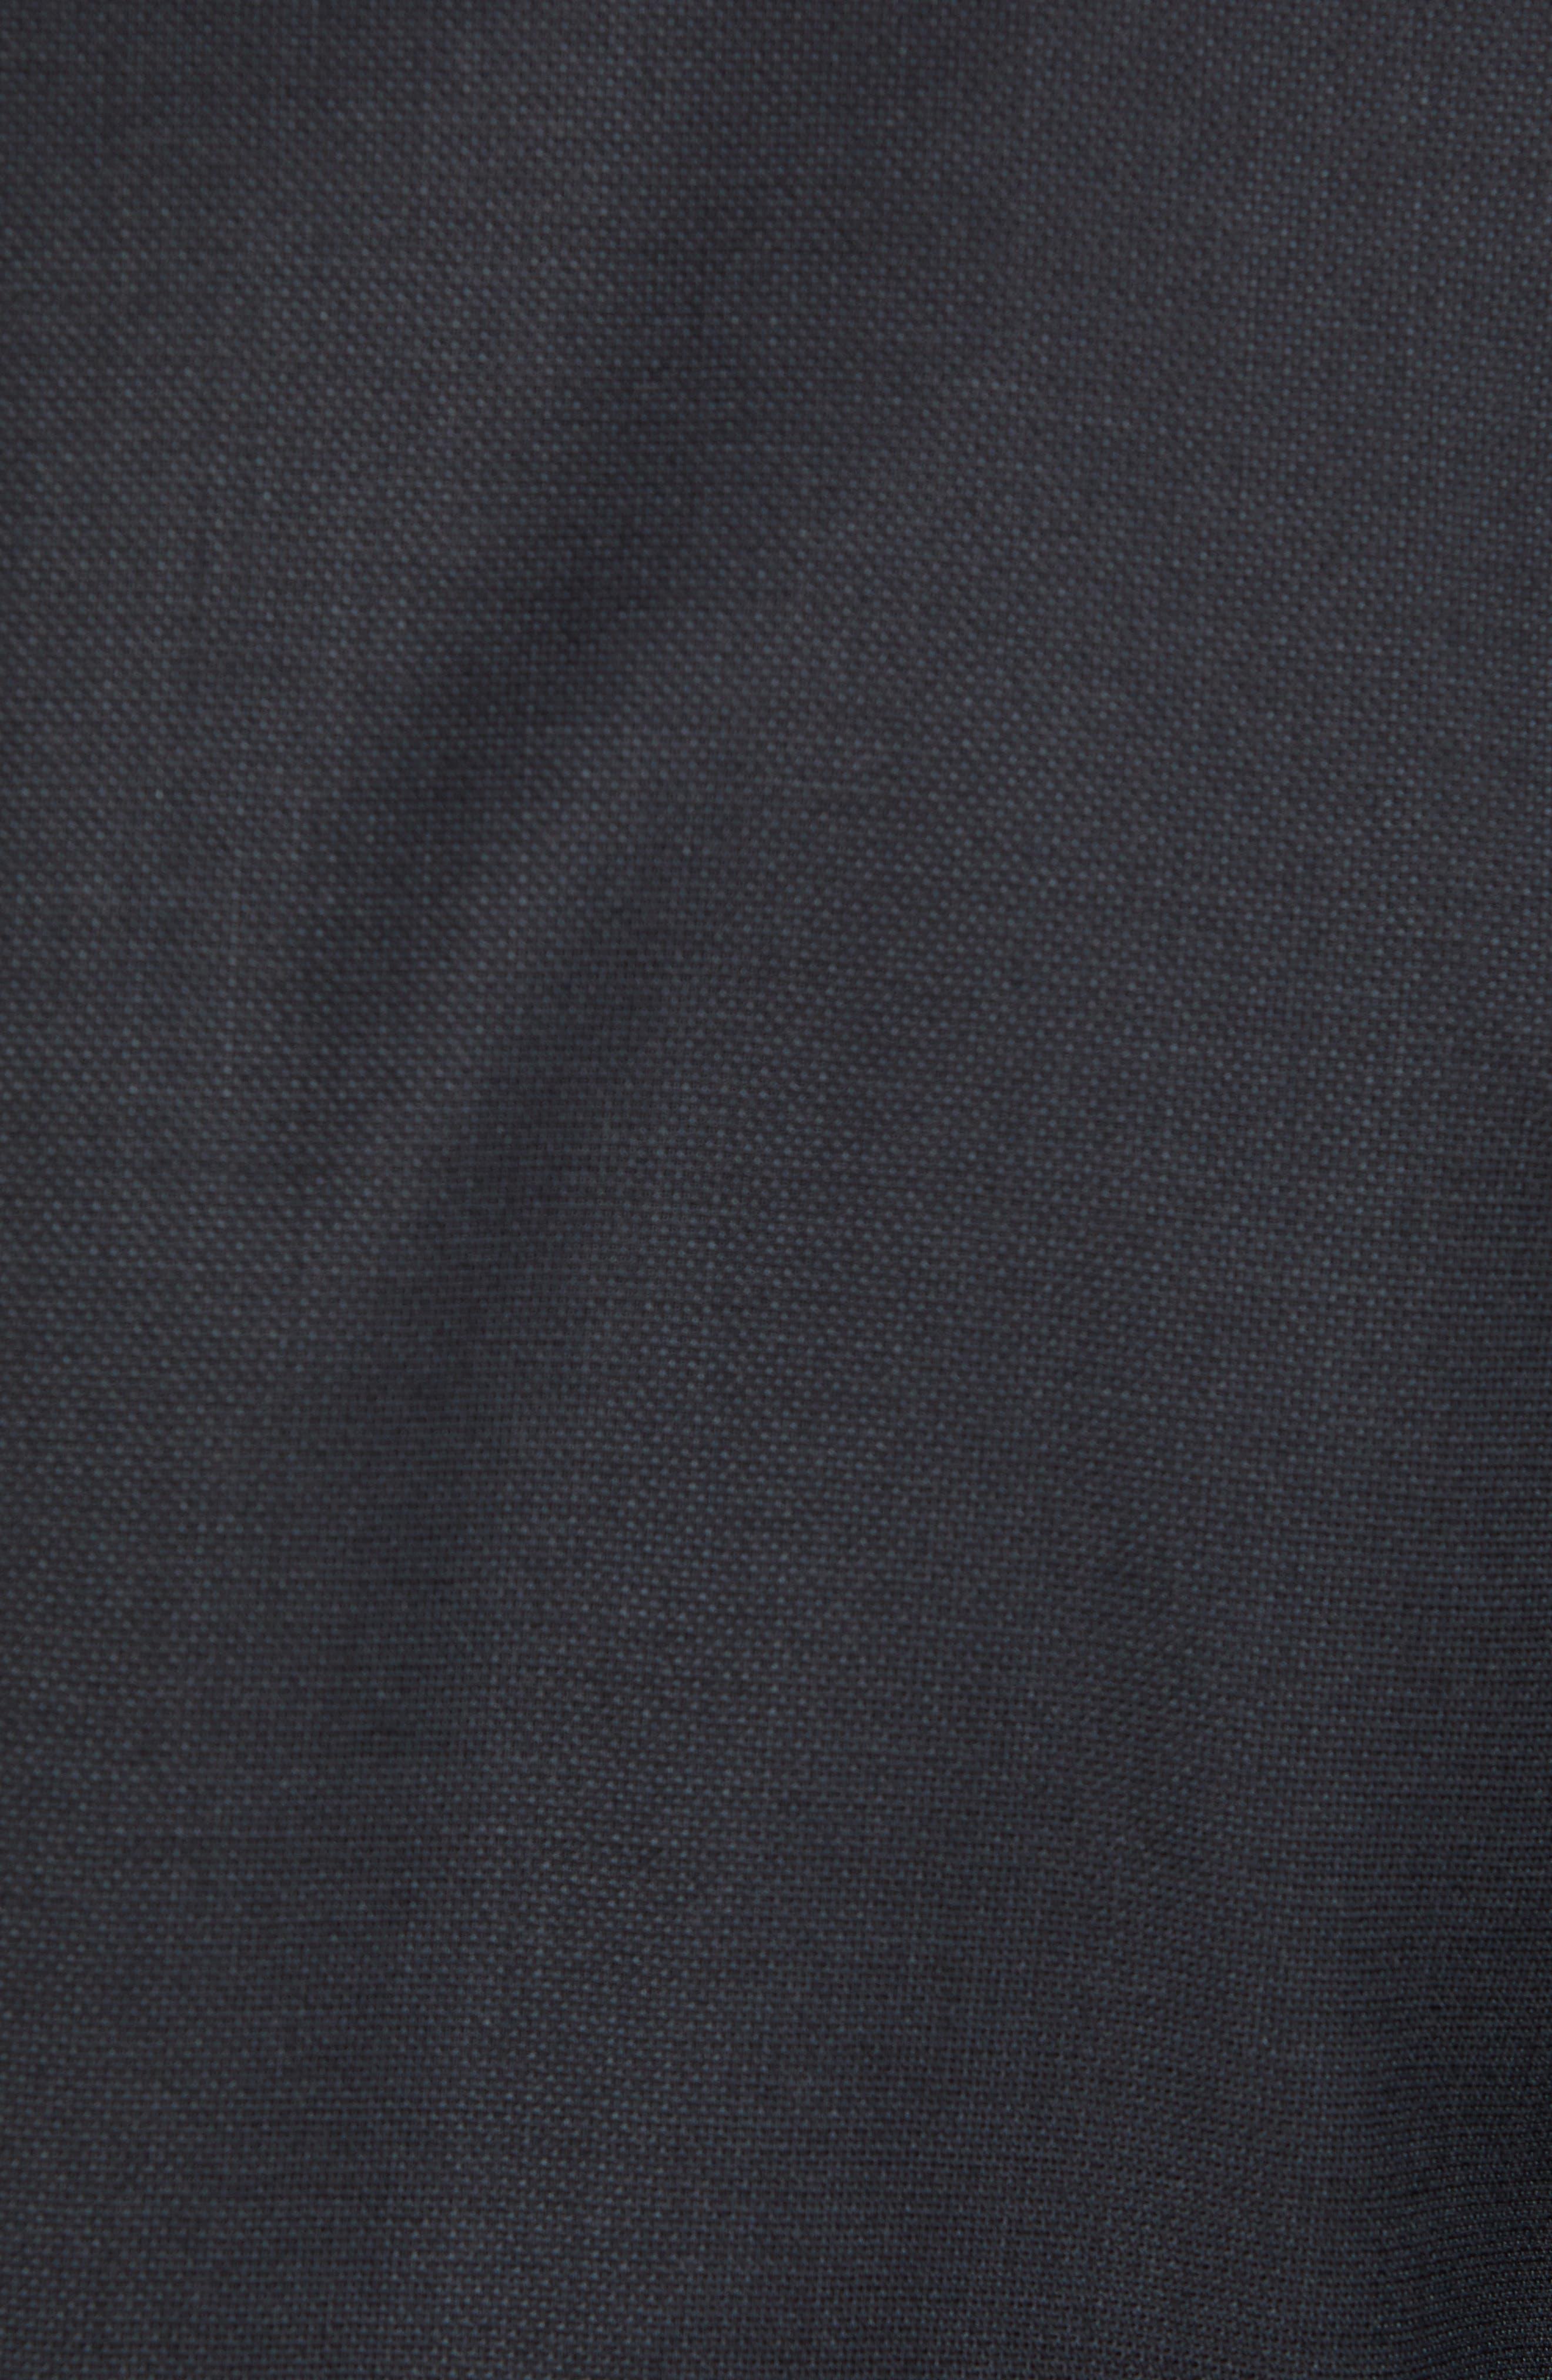 BOSS,                             Helward/Genius Trim Fit Solid Three Piece Wool Suit,                             Alternate thumbnail 8, color,                             DARK GREY